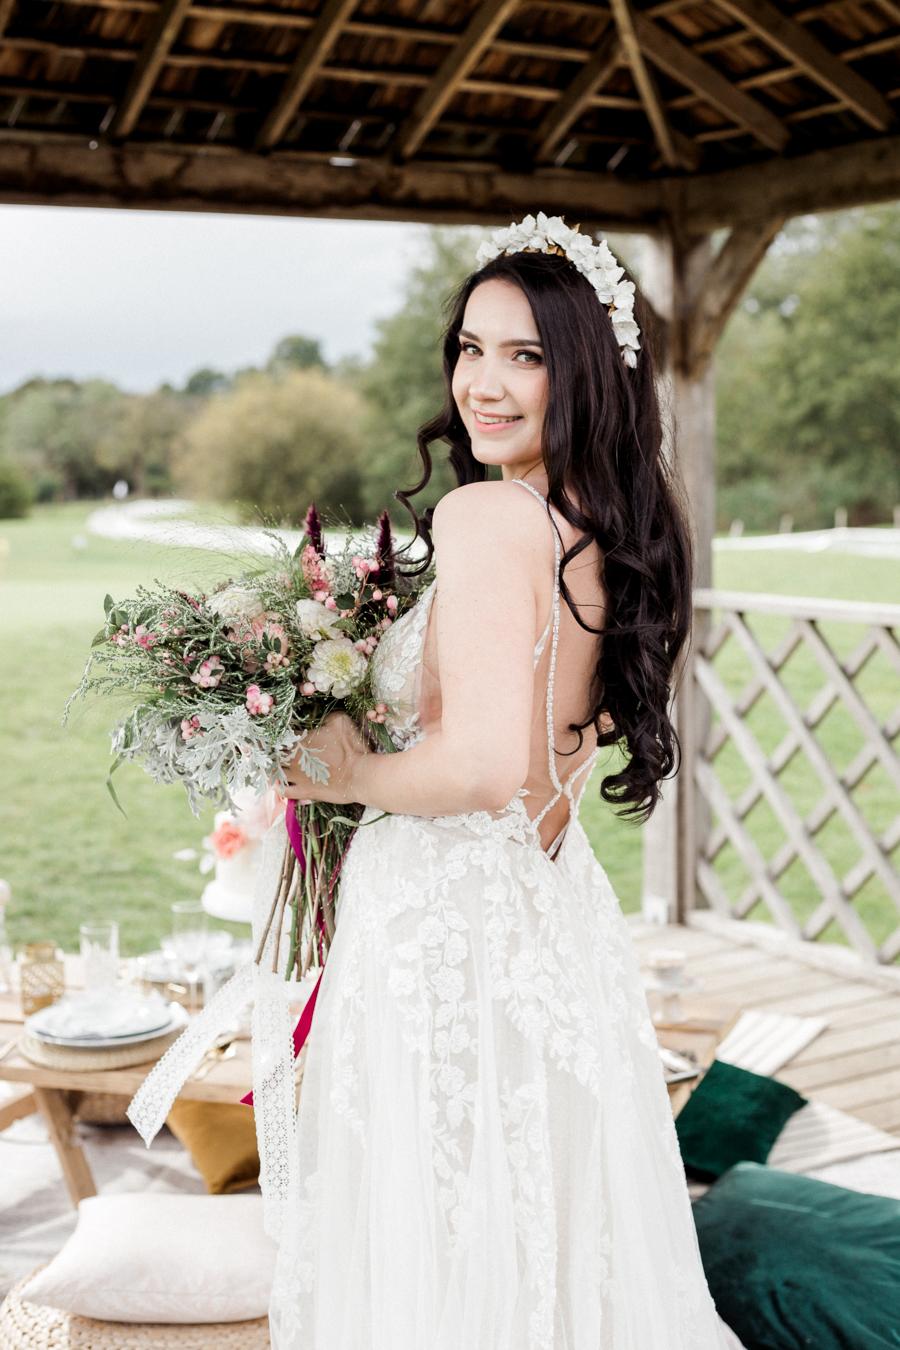 Hertfordshire Boho Themed Styled Wedding Shoot, photographer credit Absolute Photo UK (22)